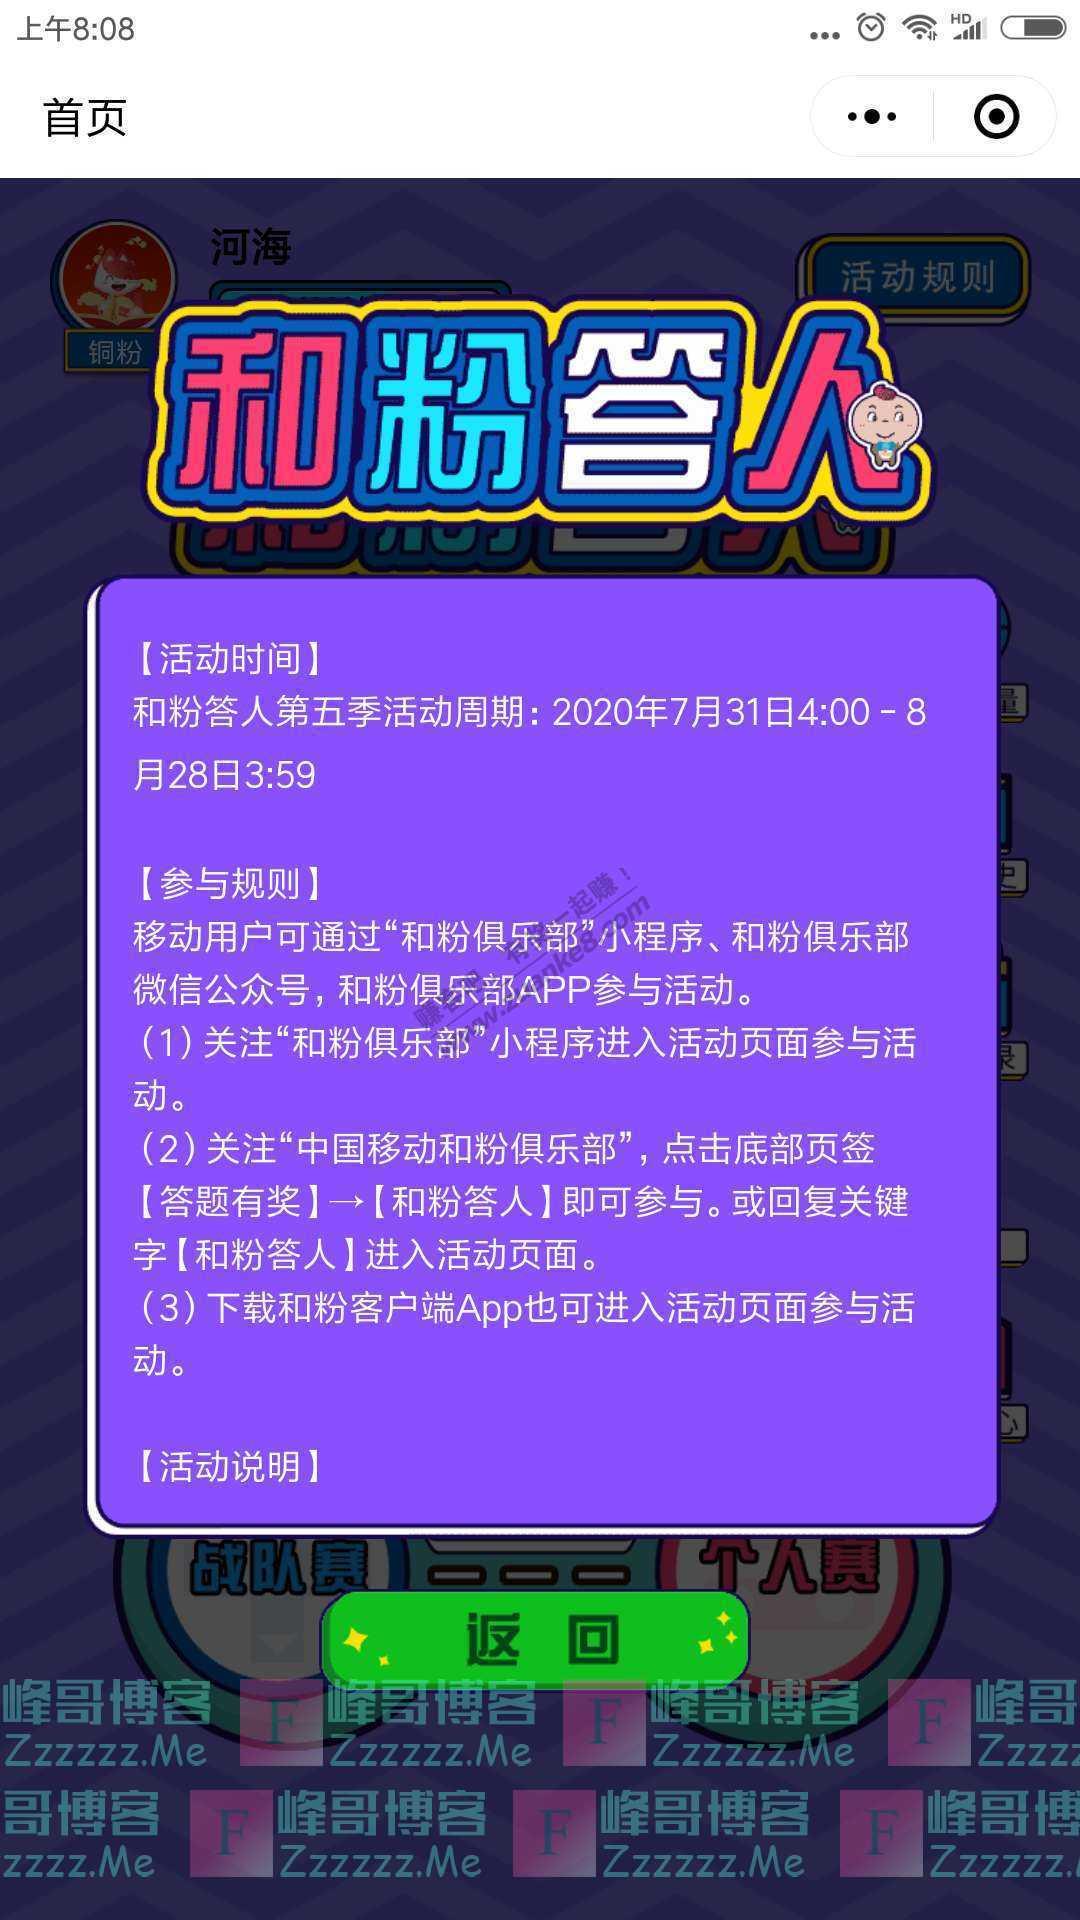 中国移动和粉俱乐部和粉答人第五季,流量归来(截止8月28日)